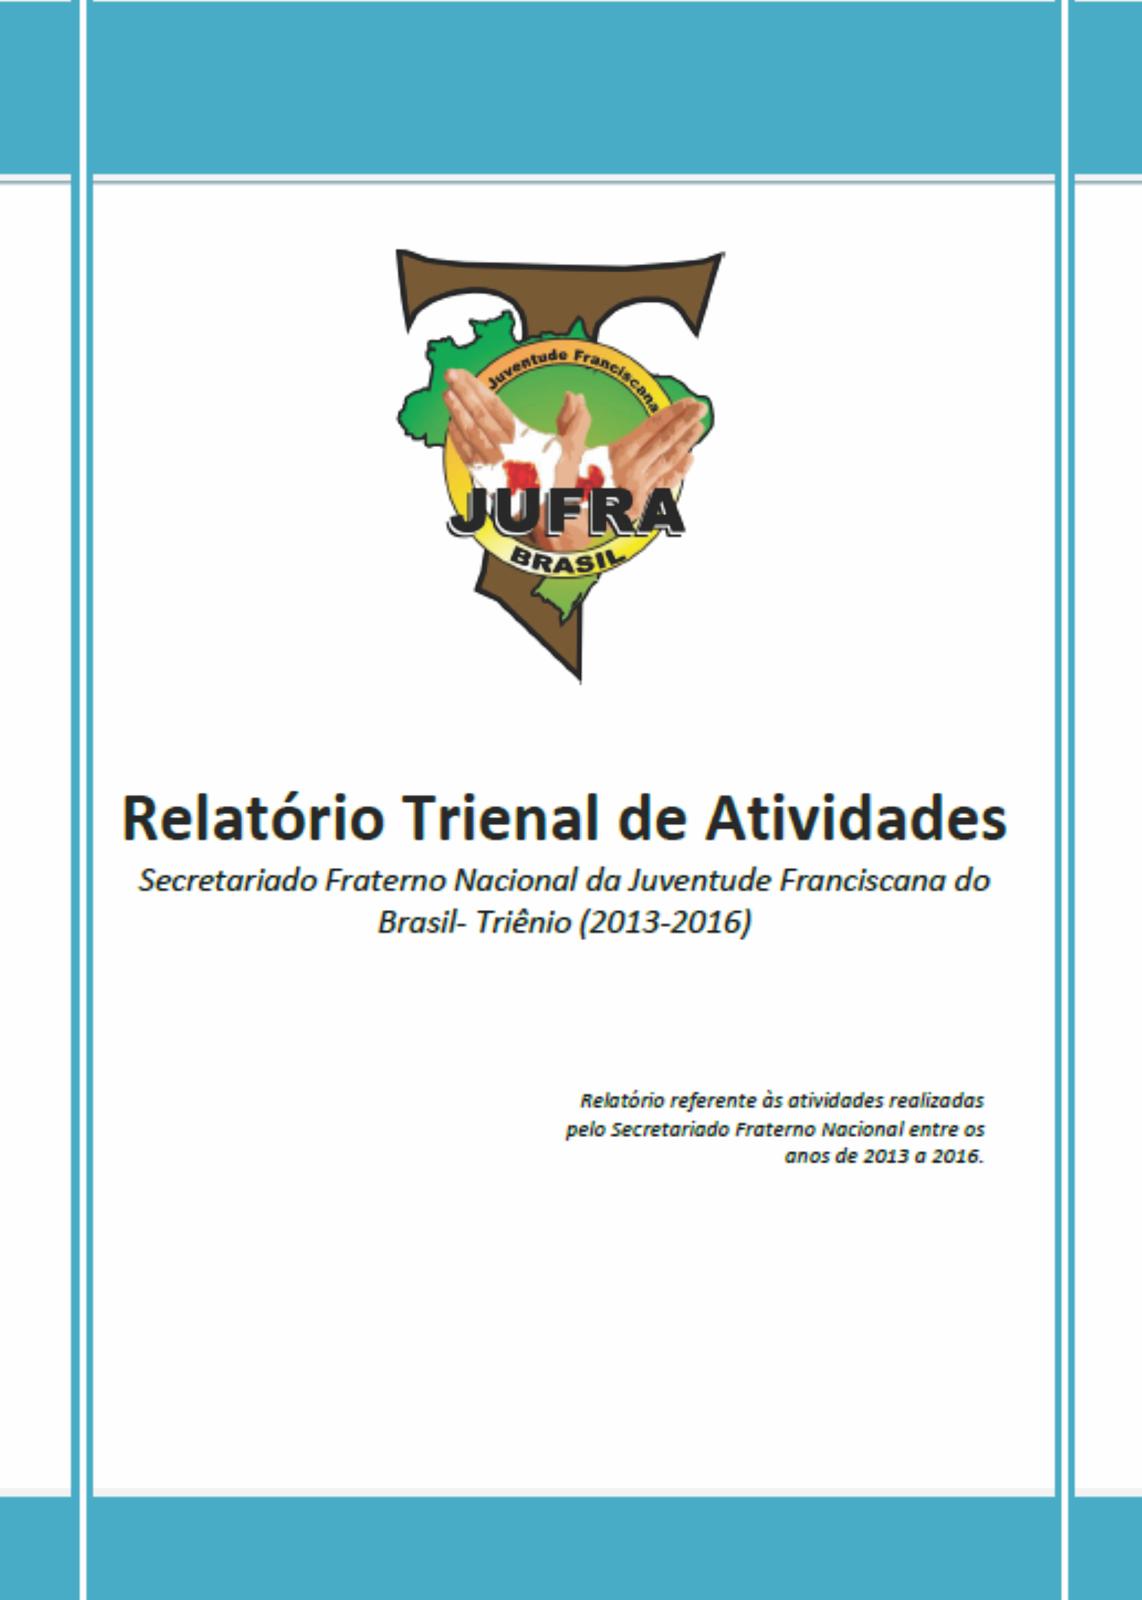 RELATÓRIO TRIENAL DE ATIVIDADES 2013-2016